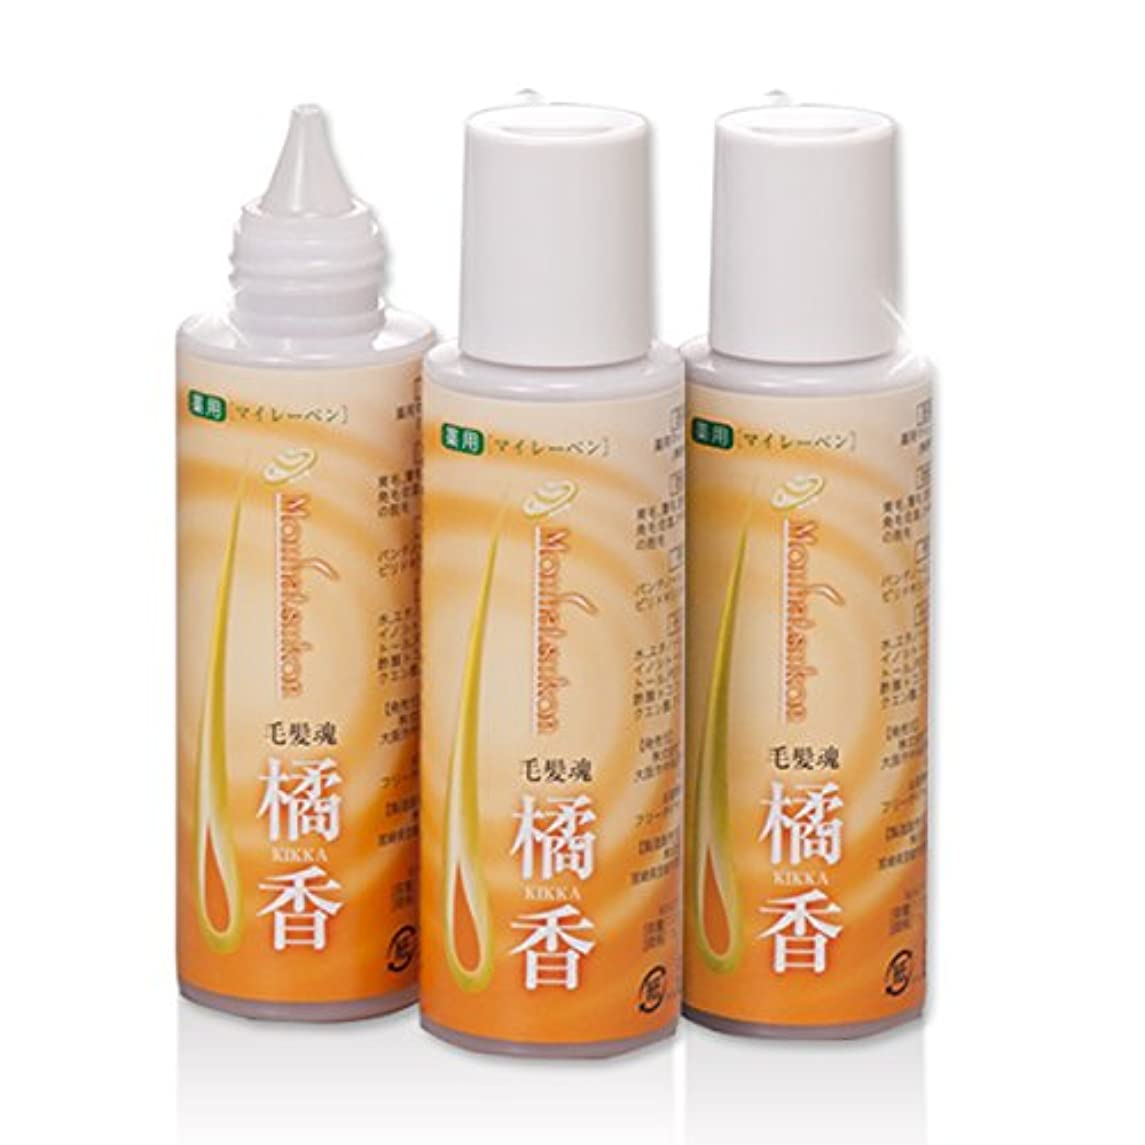 冷蔵庫重荷効率的に薬用育毛剤「毛髪魂マイレーベン橘香」 3本セット